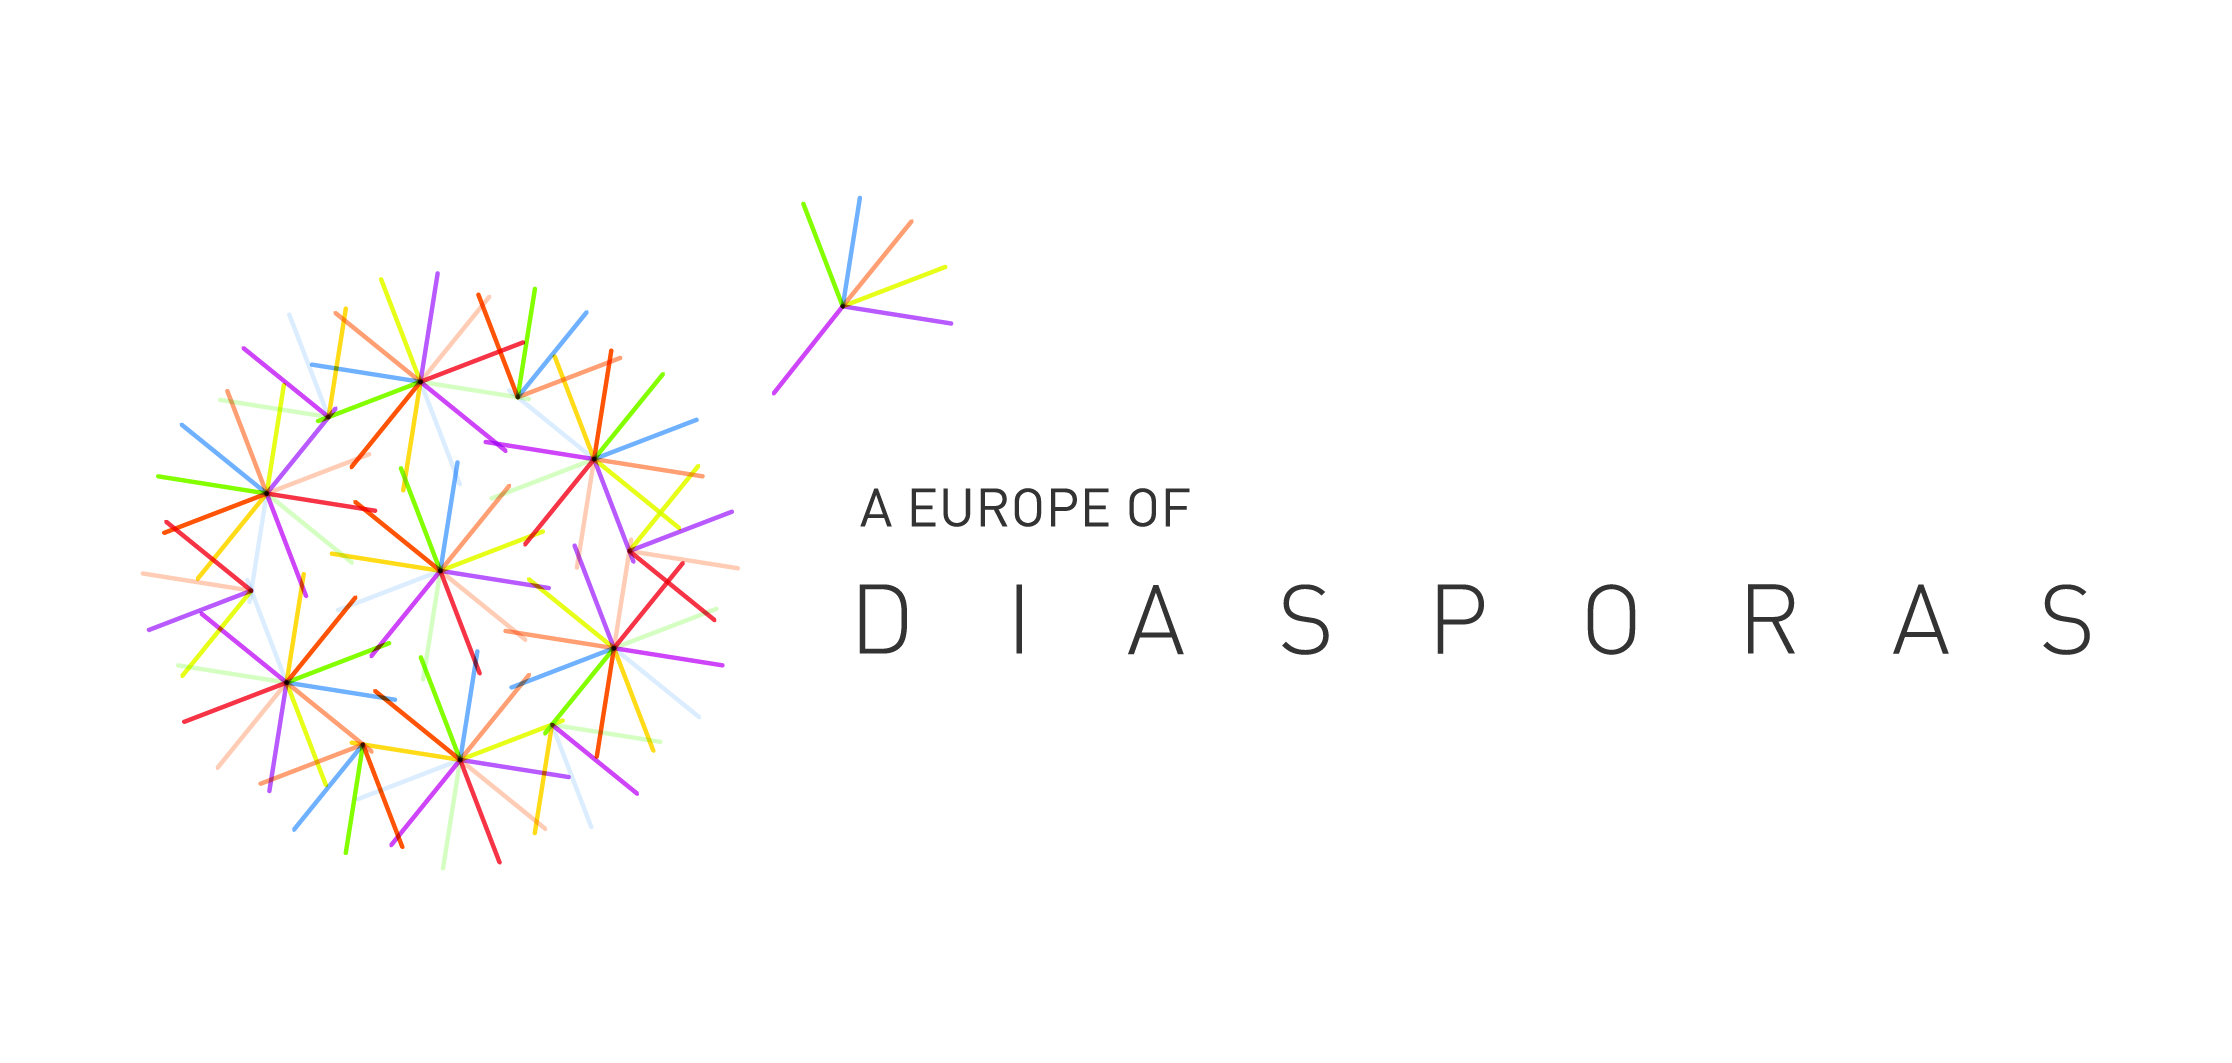 A Europe of Diasporas